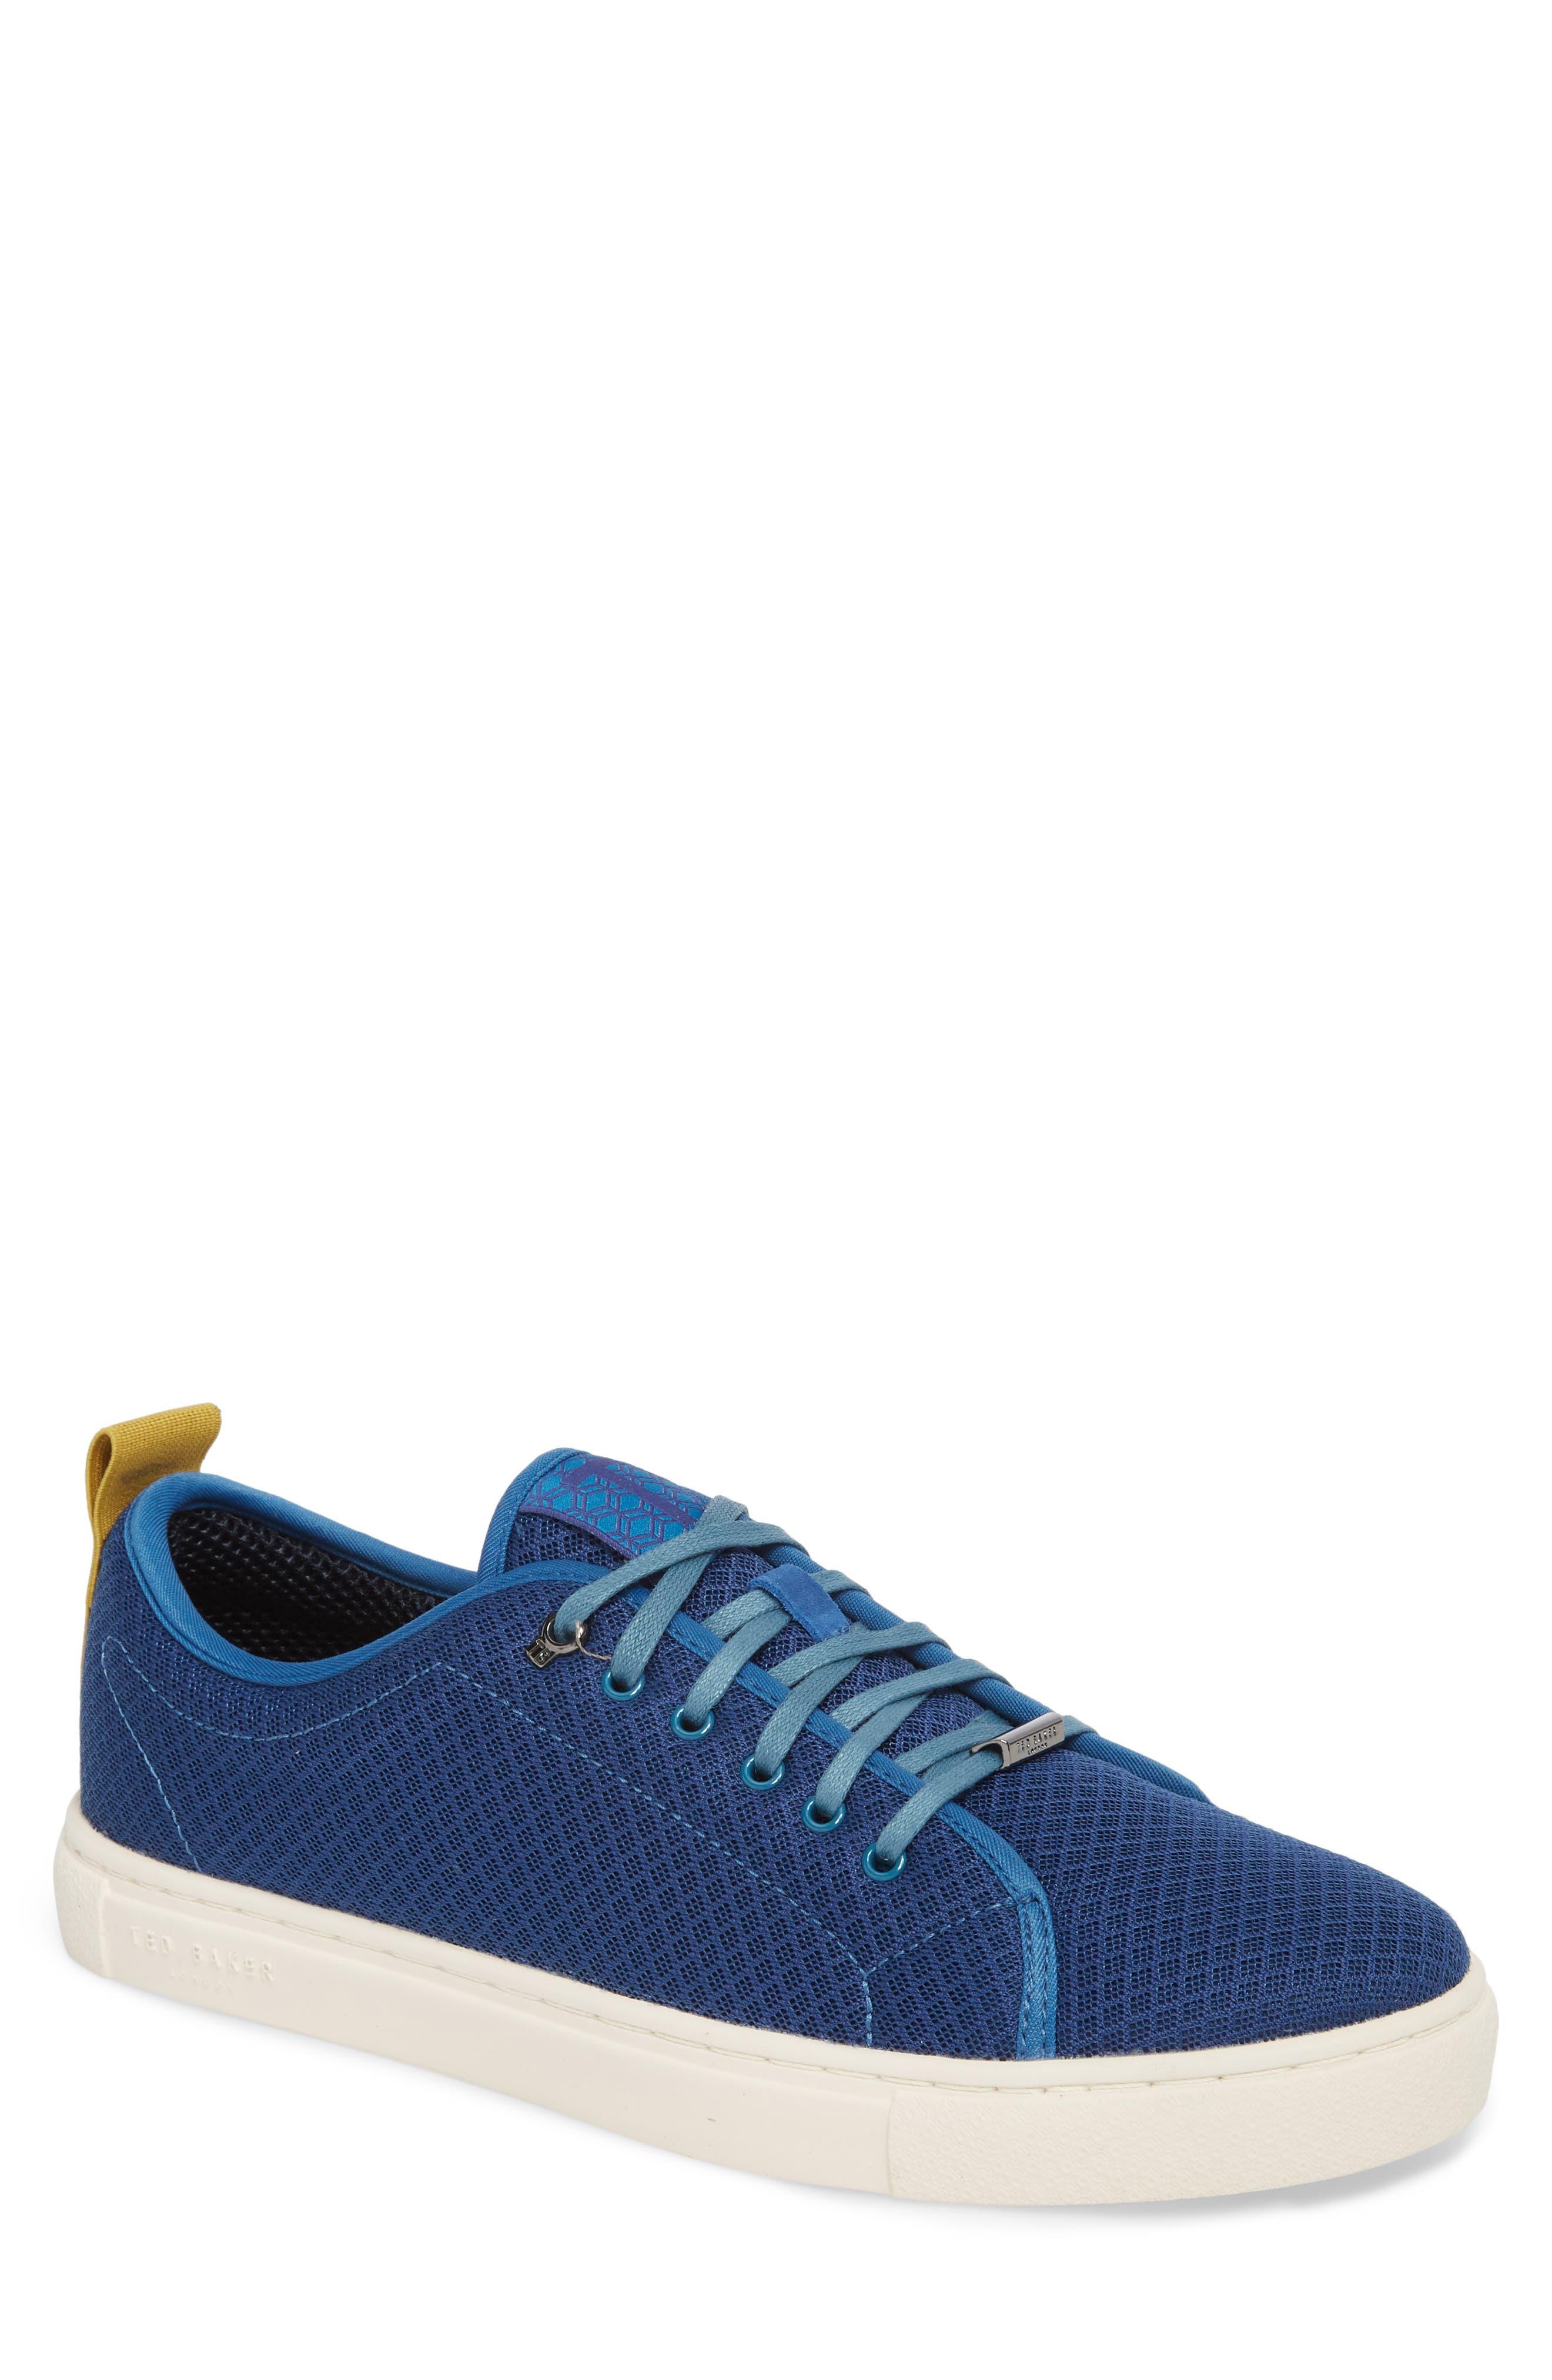 Lannse Low Top Mesh Sneaker,                         Main,                         color, 454